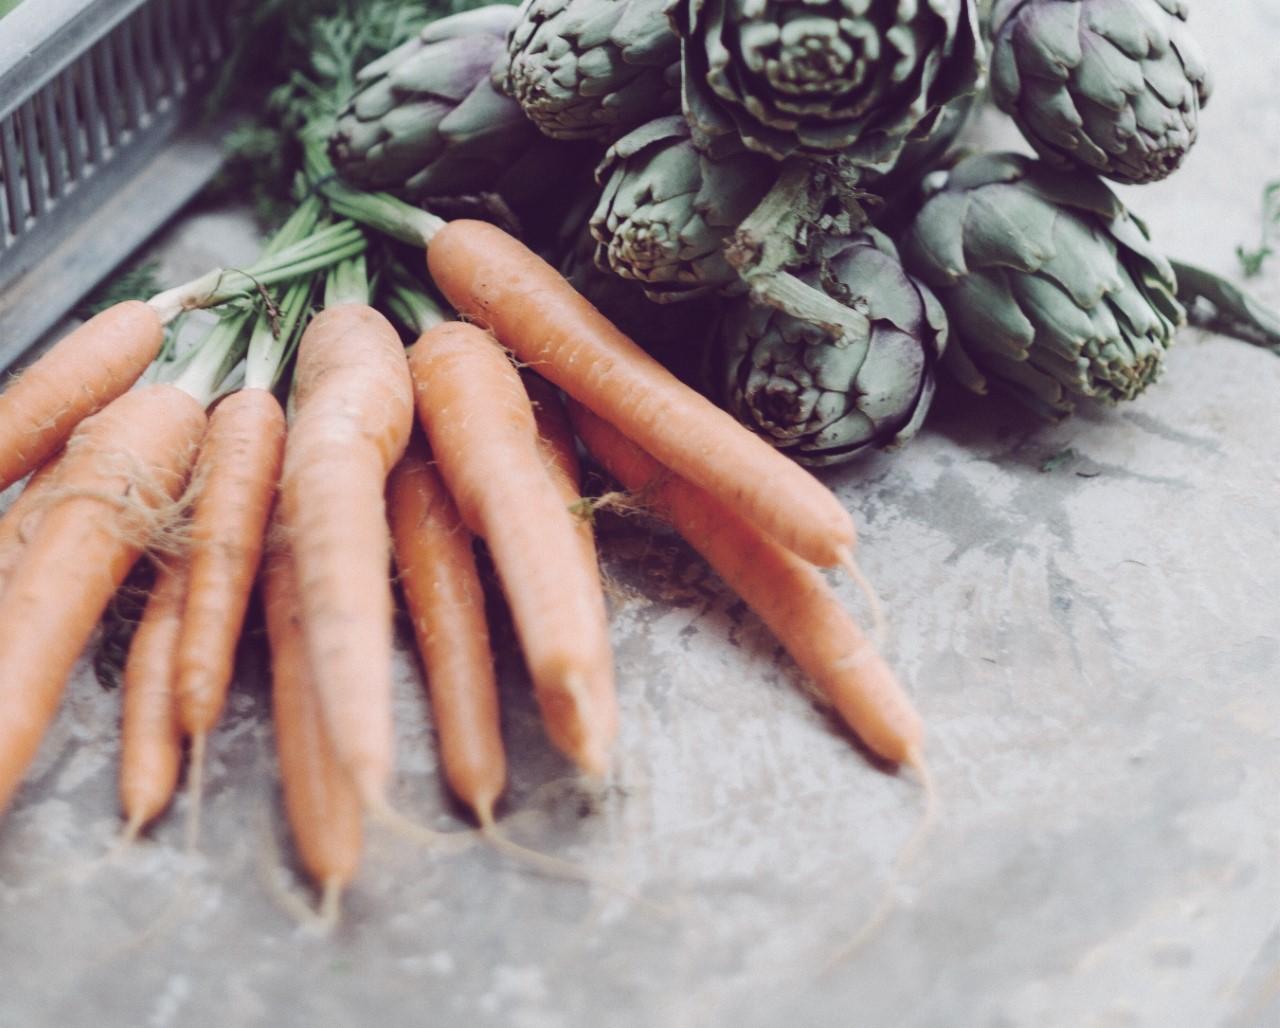 Kuukauden porkkana: Toukokuu 2019